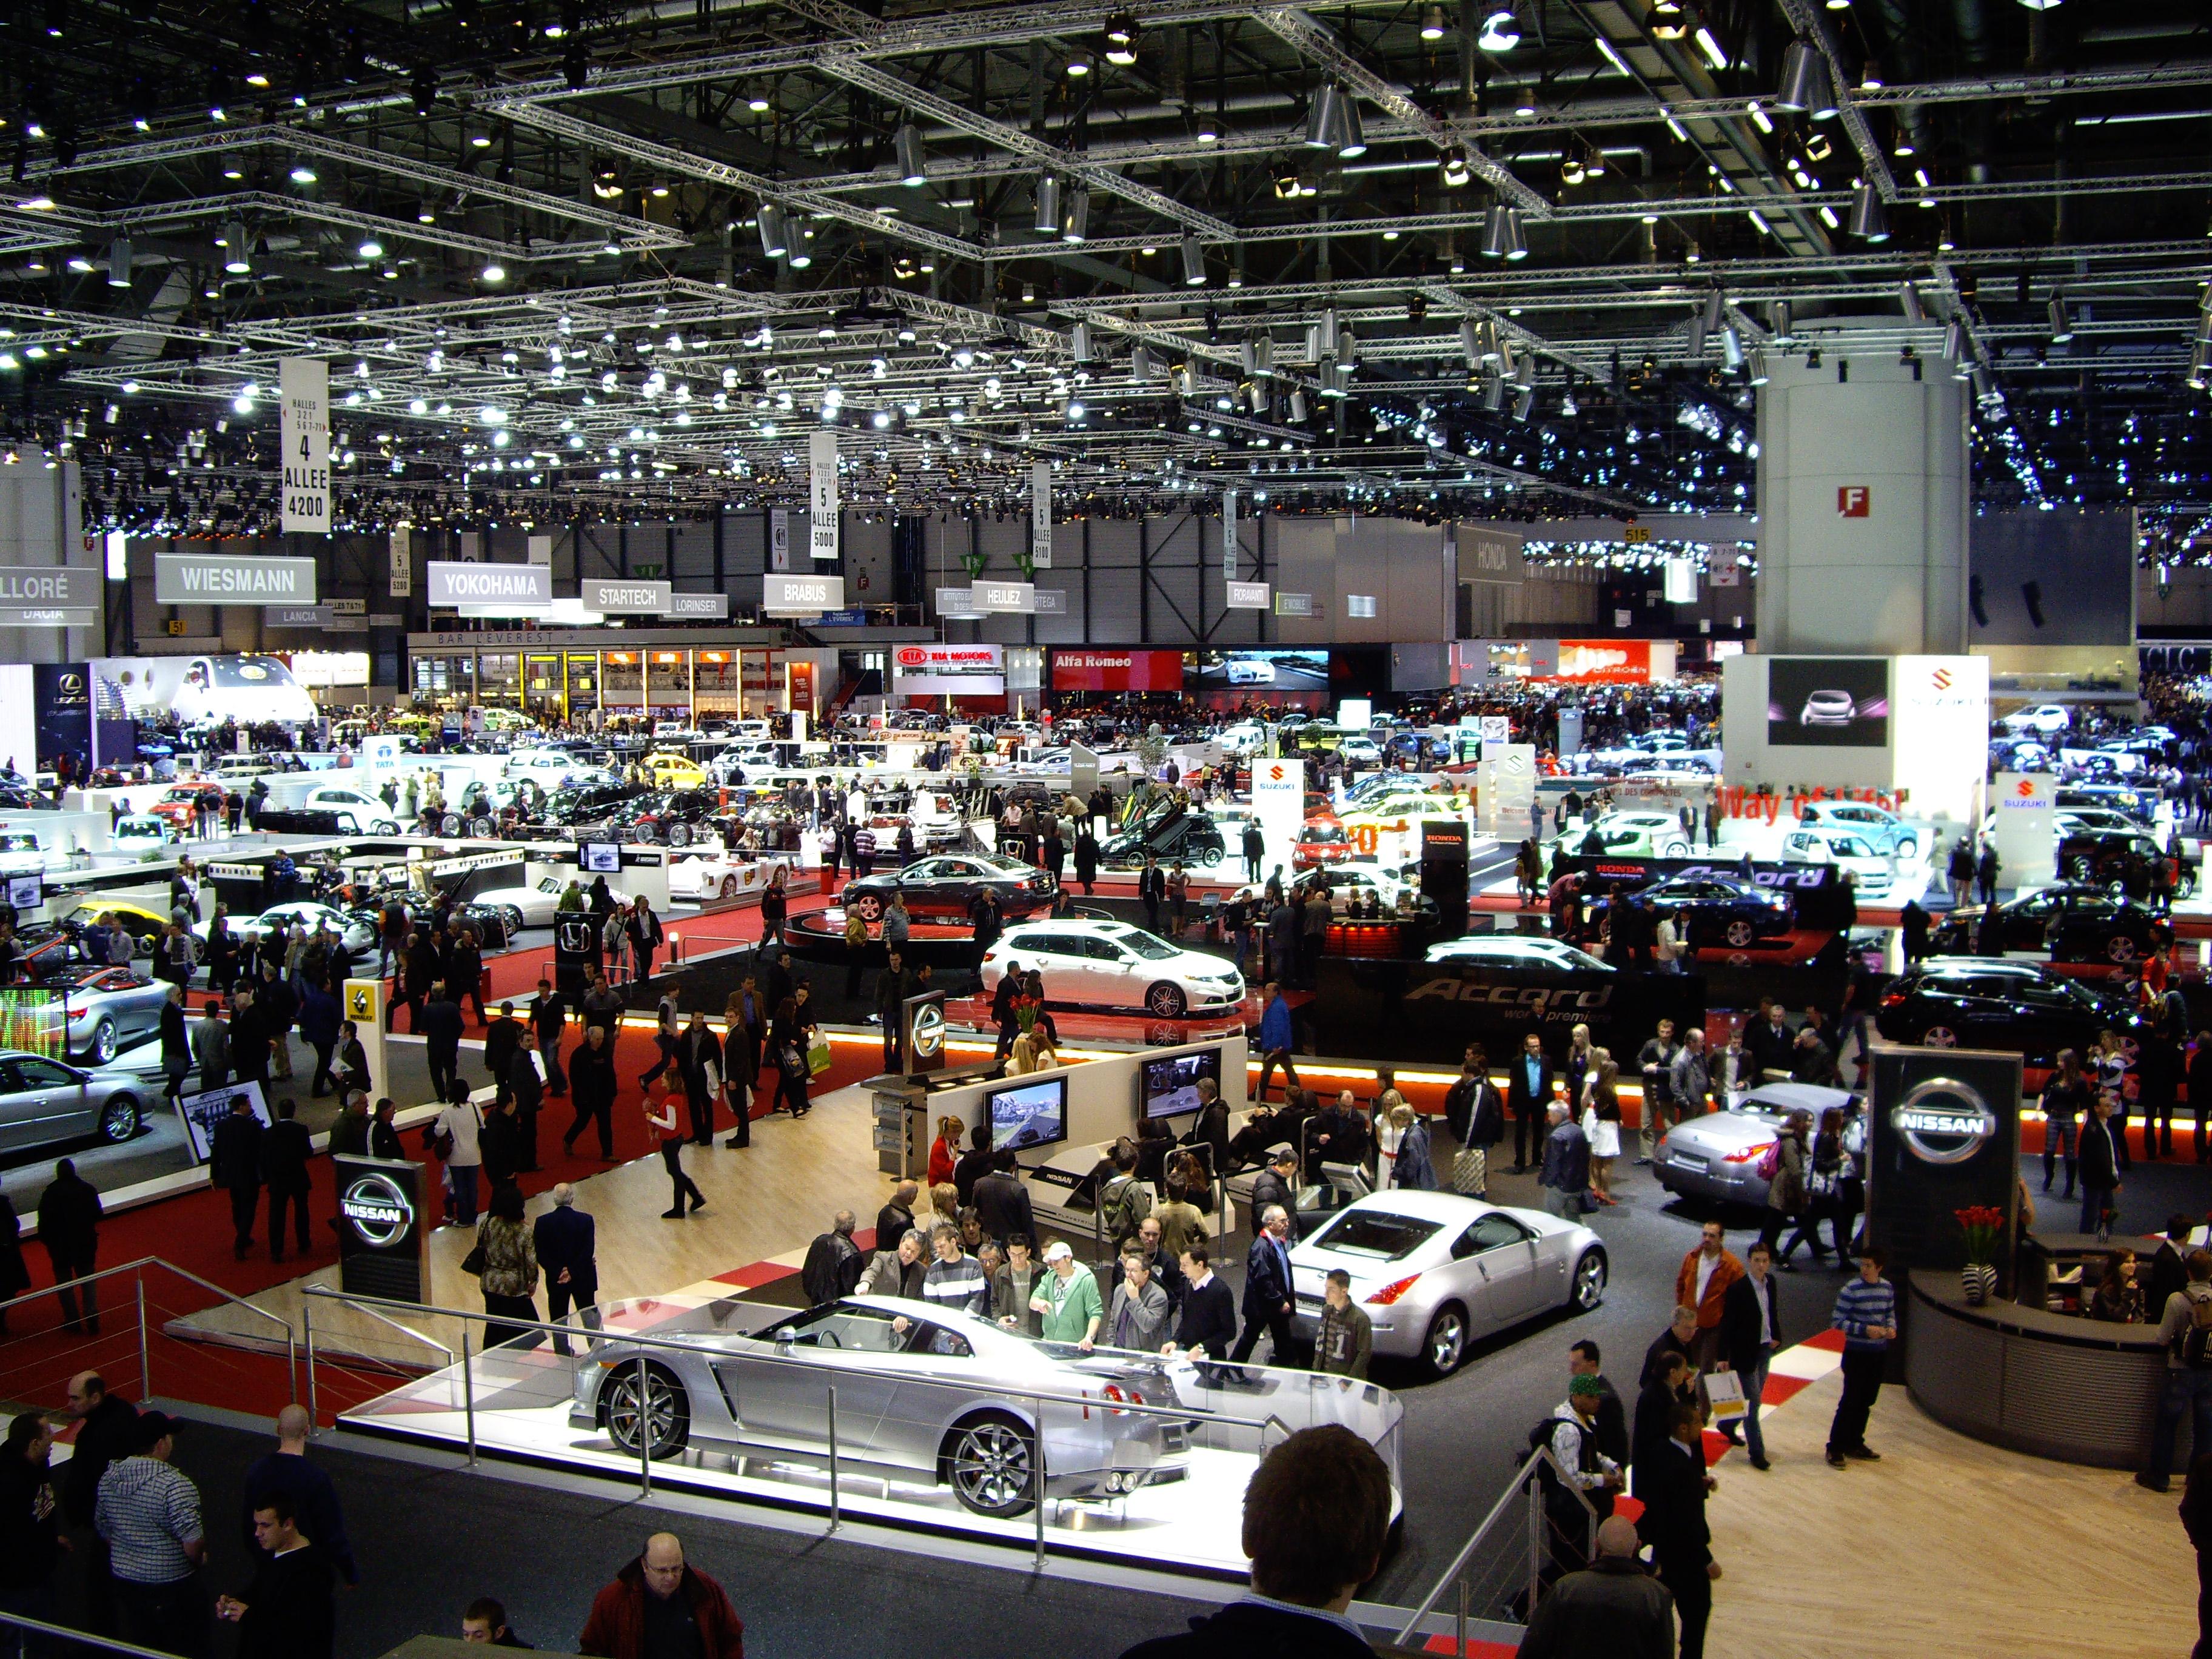 """Résultat de recherche d'images pour """"world automotive industries, new vehicles, exhibition, 2018, 2019"""""""